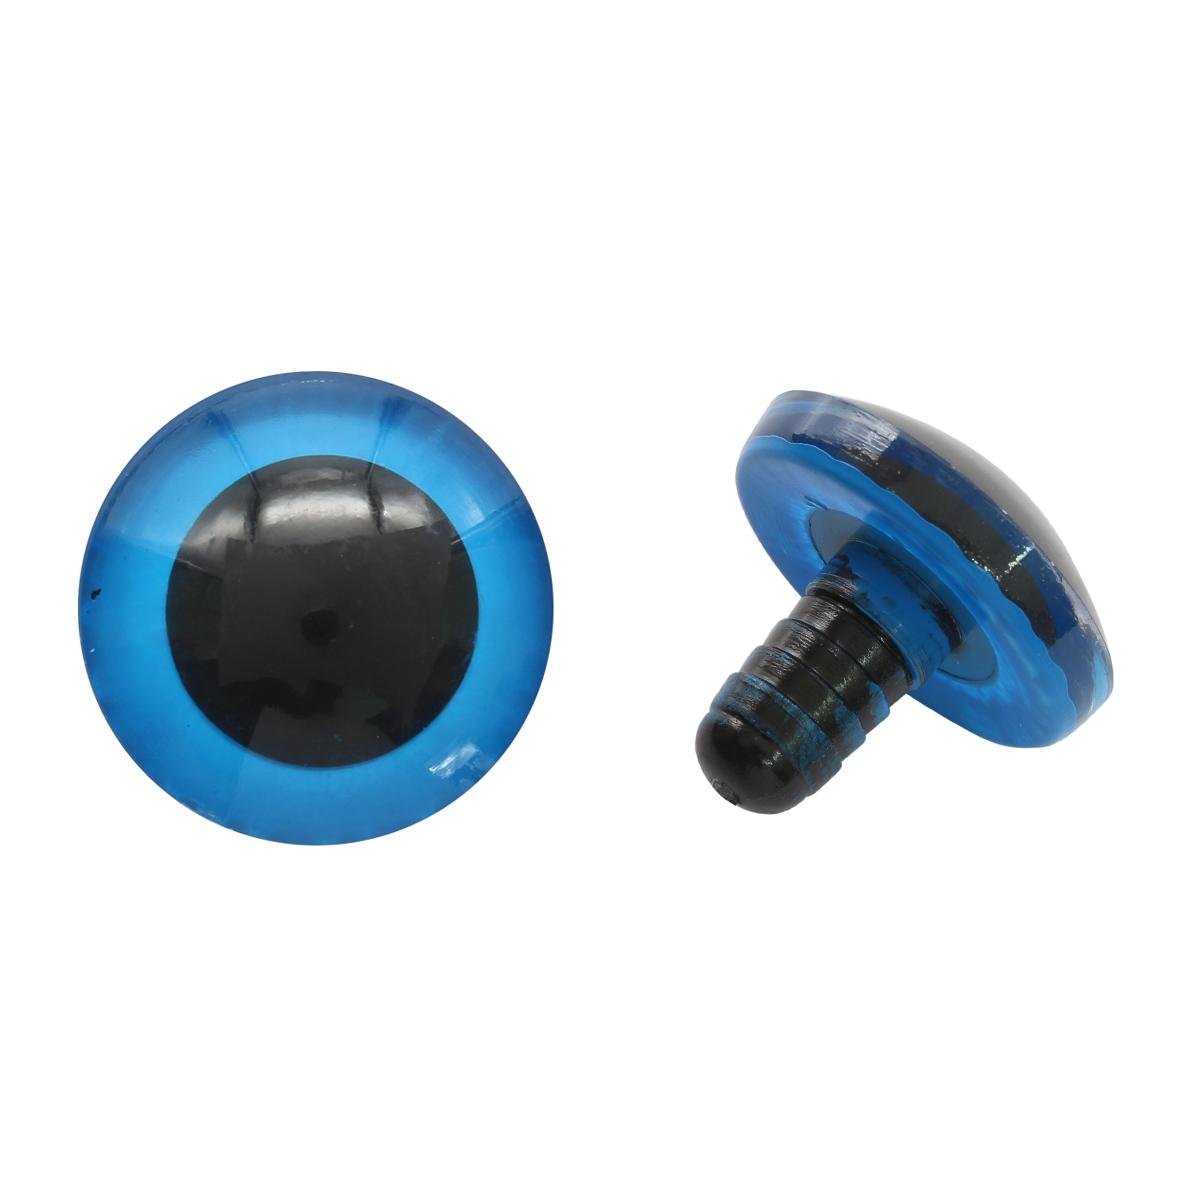 Глаза для игрушек Д 25мм пластик